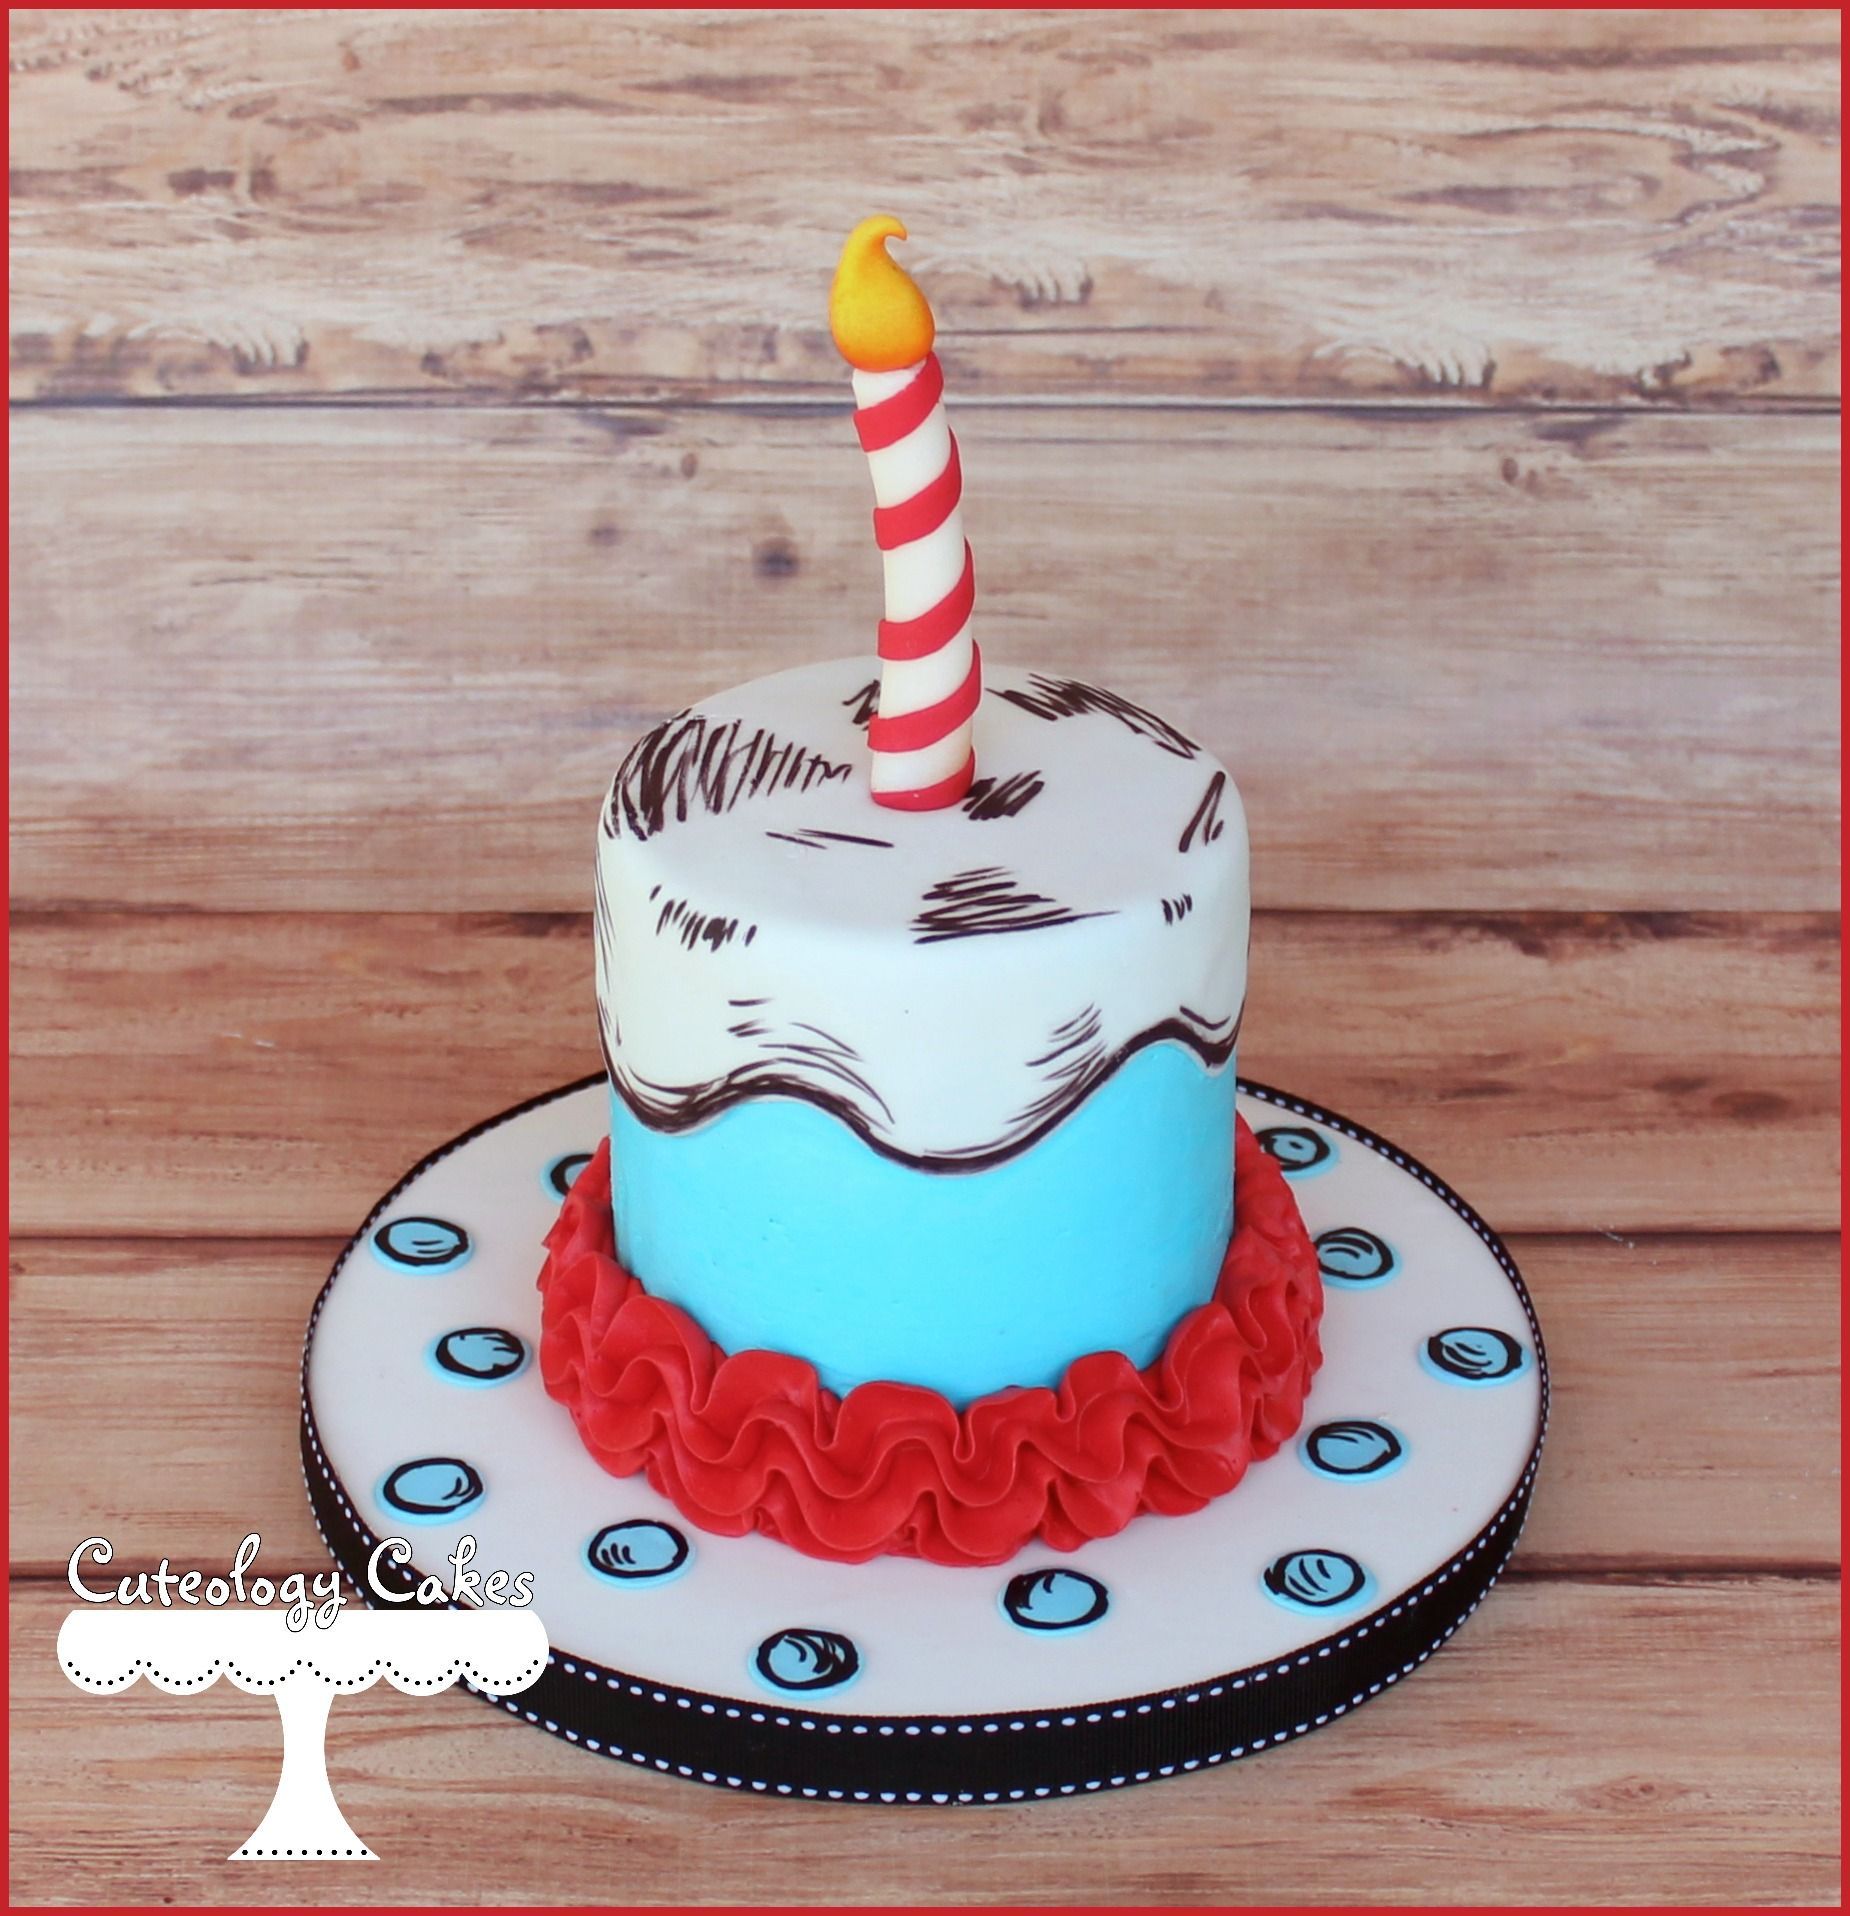 Kuchen Für Kinder Ausgefallene Kuchen Minikuchen Dr Seuss Geburtstagsideen Molliges Mädchen Petit Fours Geburtstage